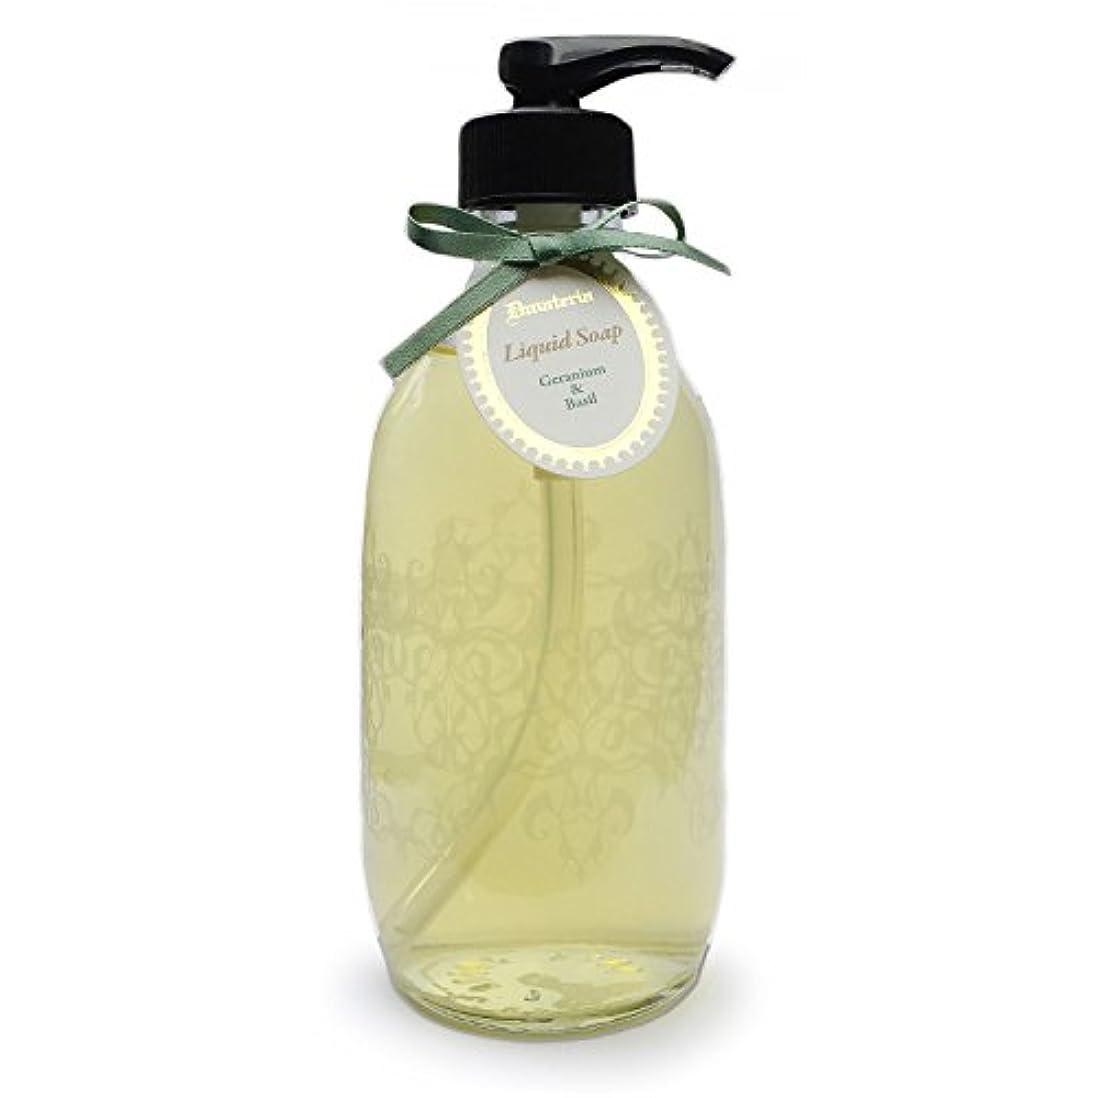 シングルテスピアンモデレータD materia リキッドソープ ゼラニウム&バジル Geranium&Basil Liquid Soap ディーマテリア